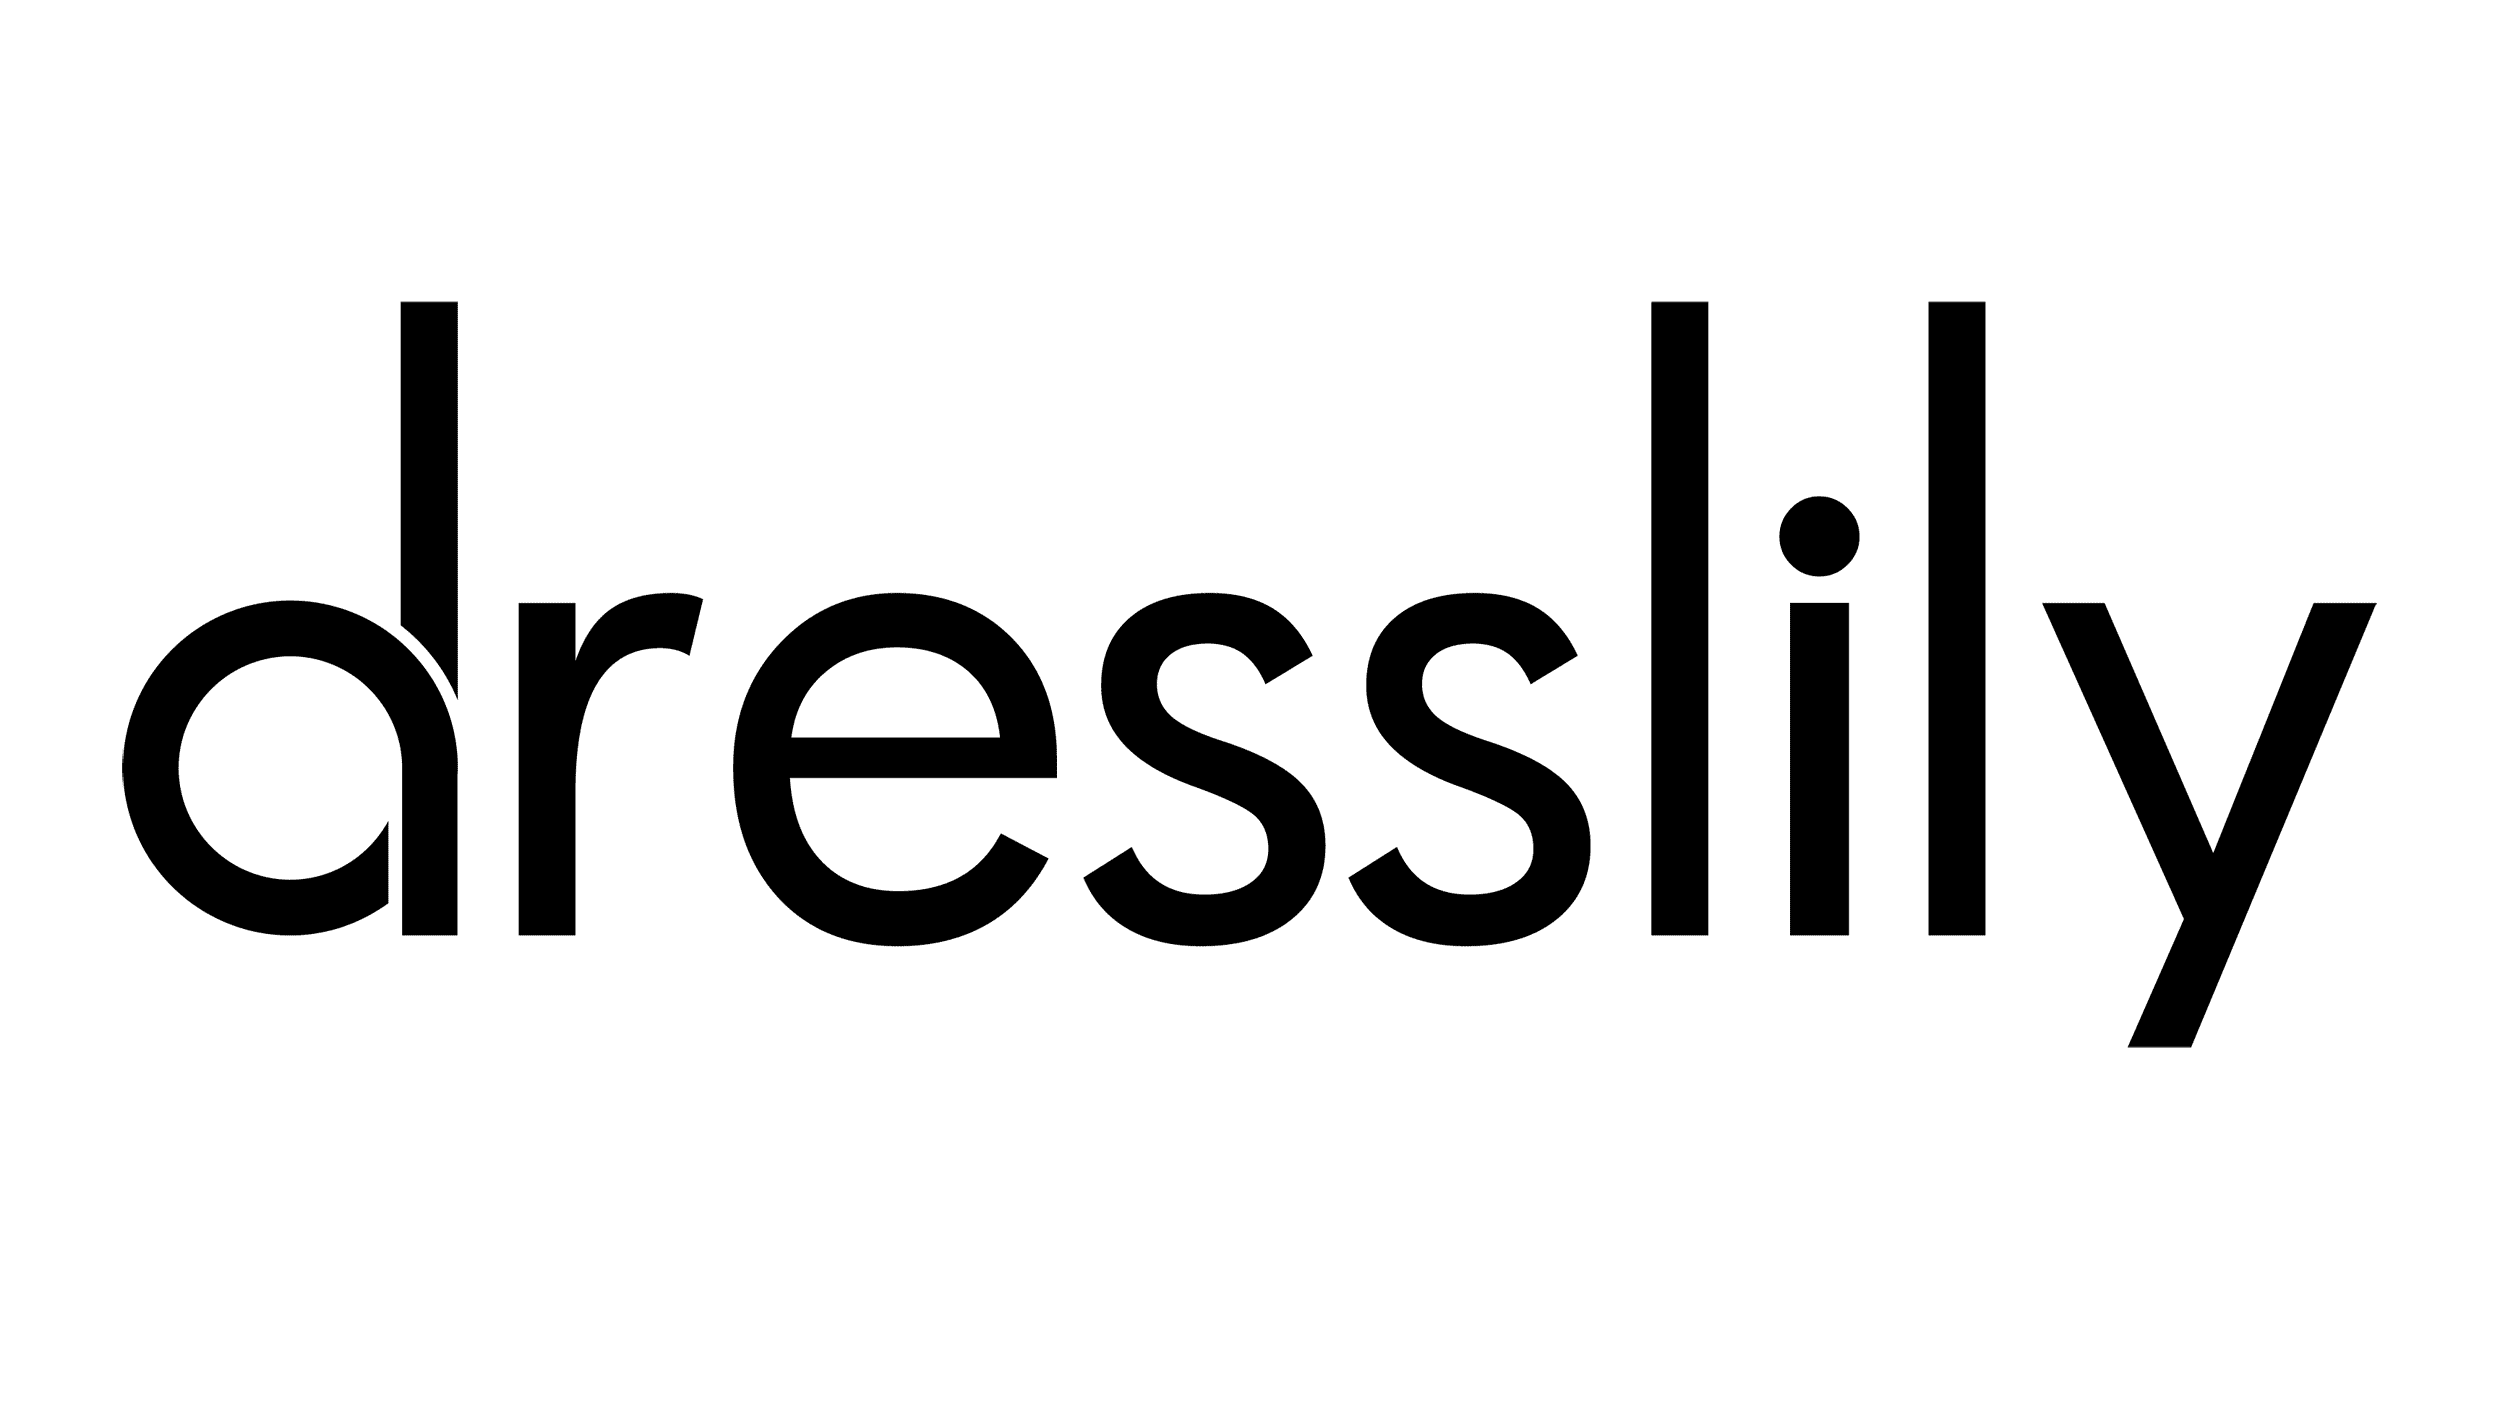 Dresslily - Get 18% off